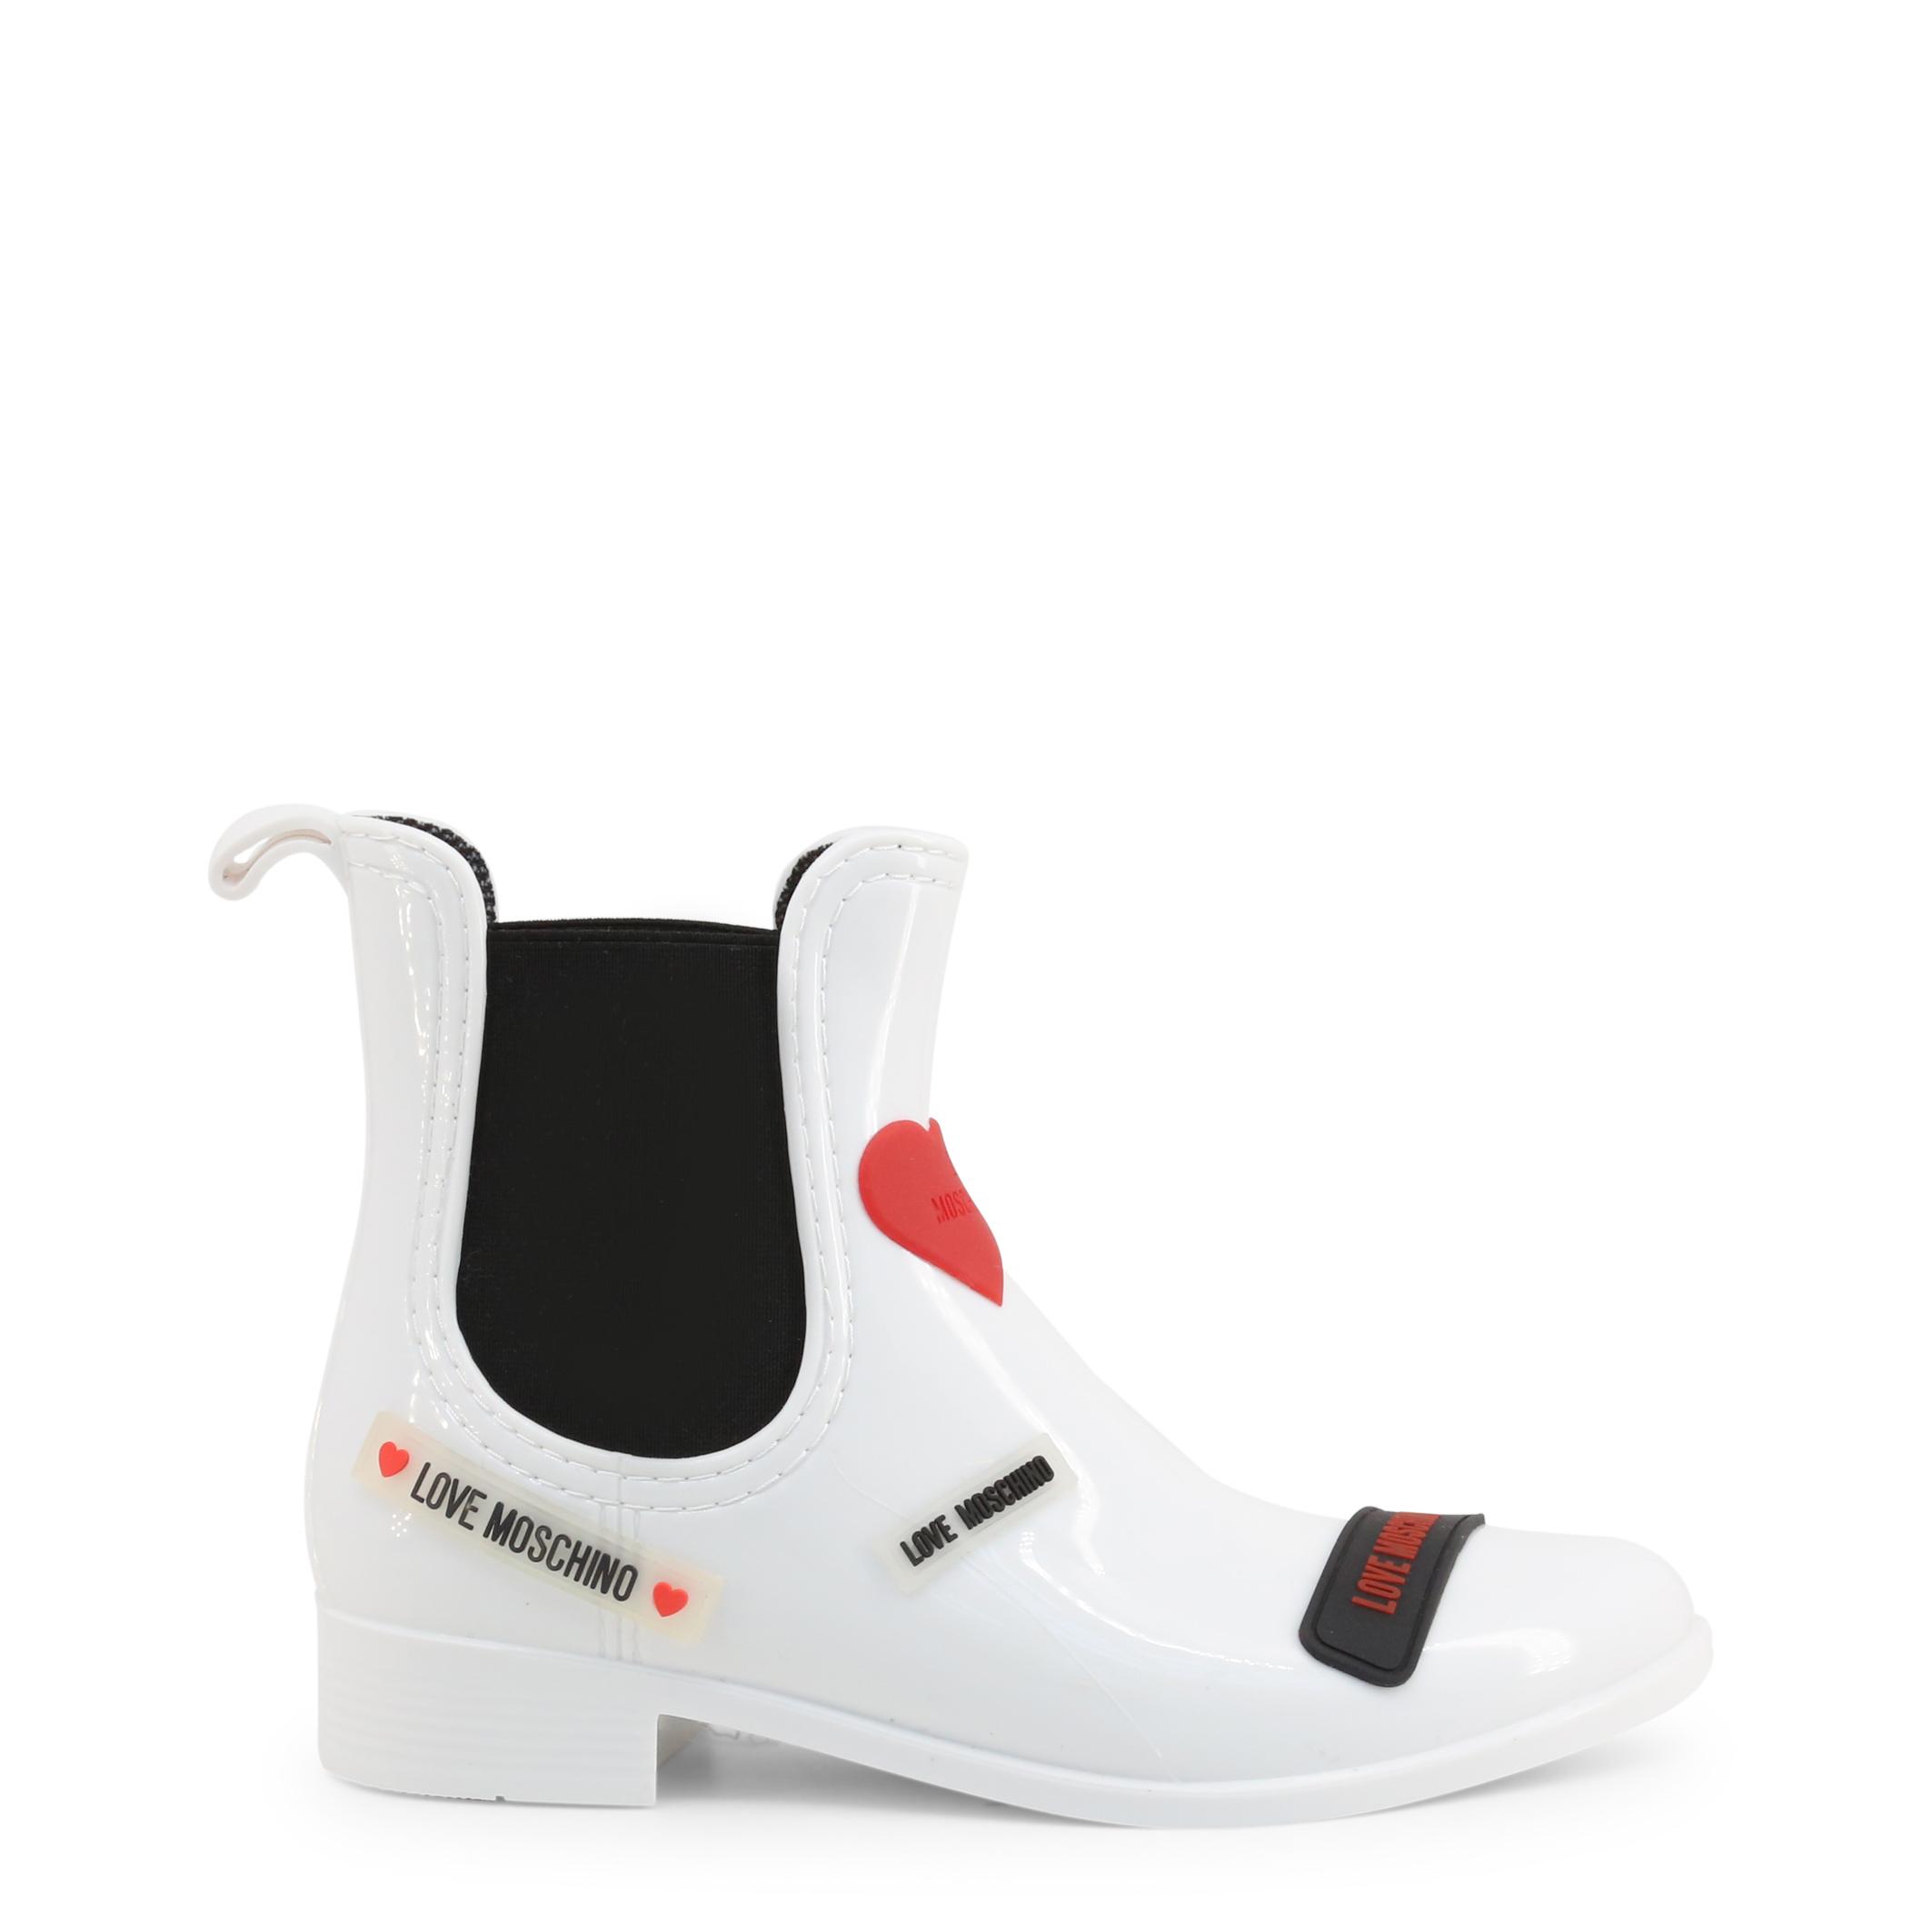 Chaussures  Love moschino JA21043G1BIR_1100 white